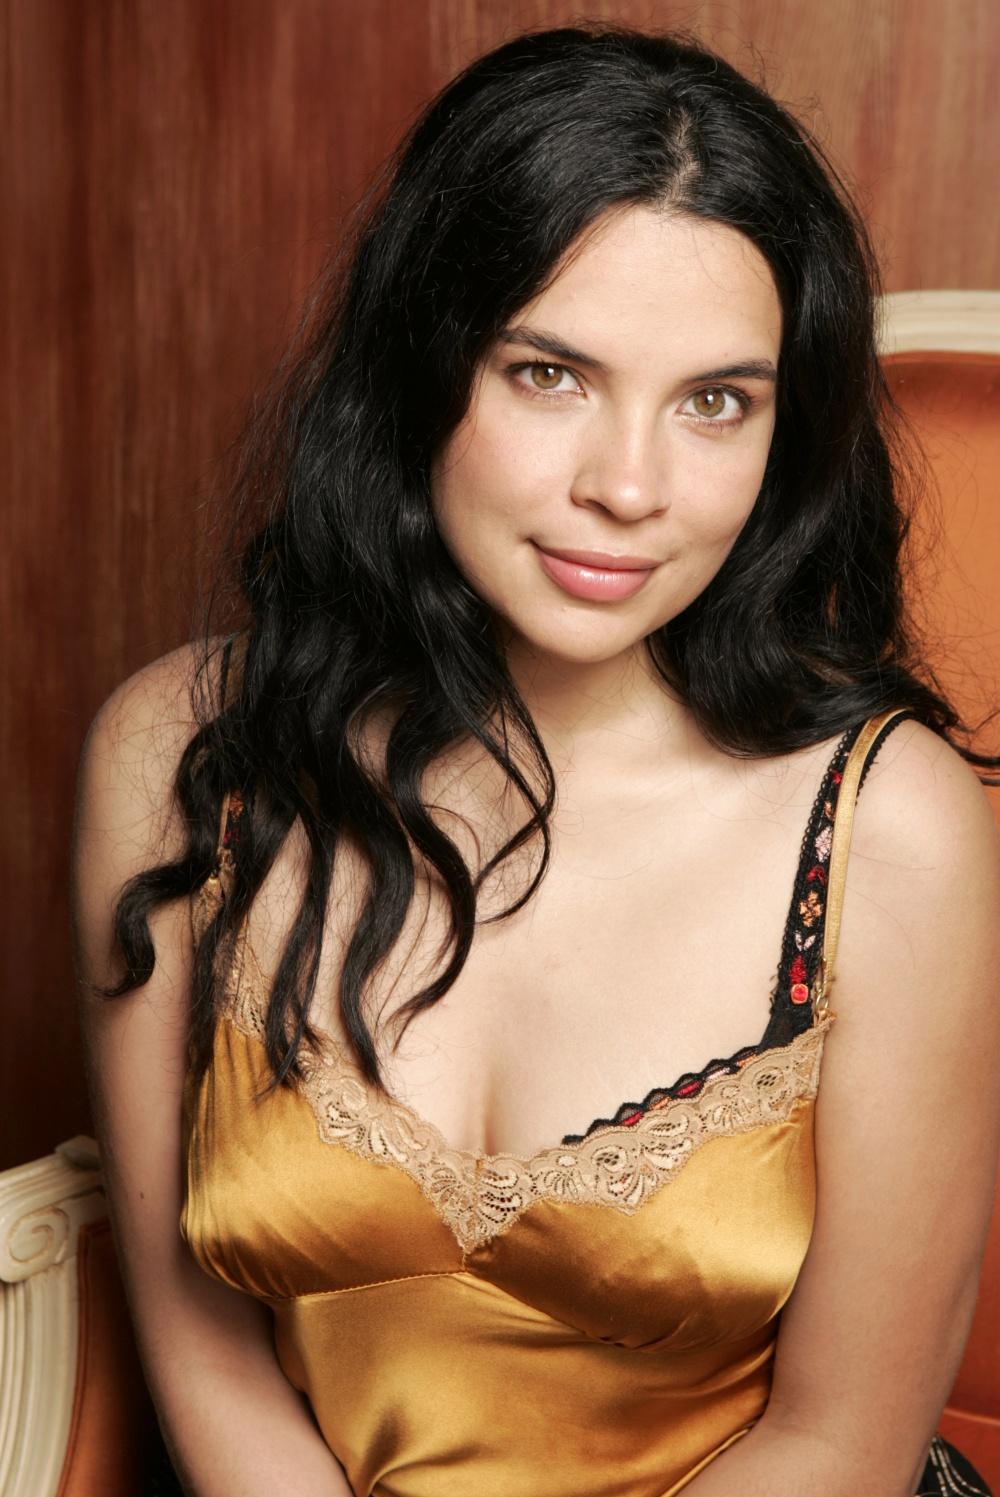 Биография и фото актрисы сухаревской что заметите